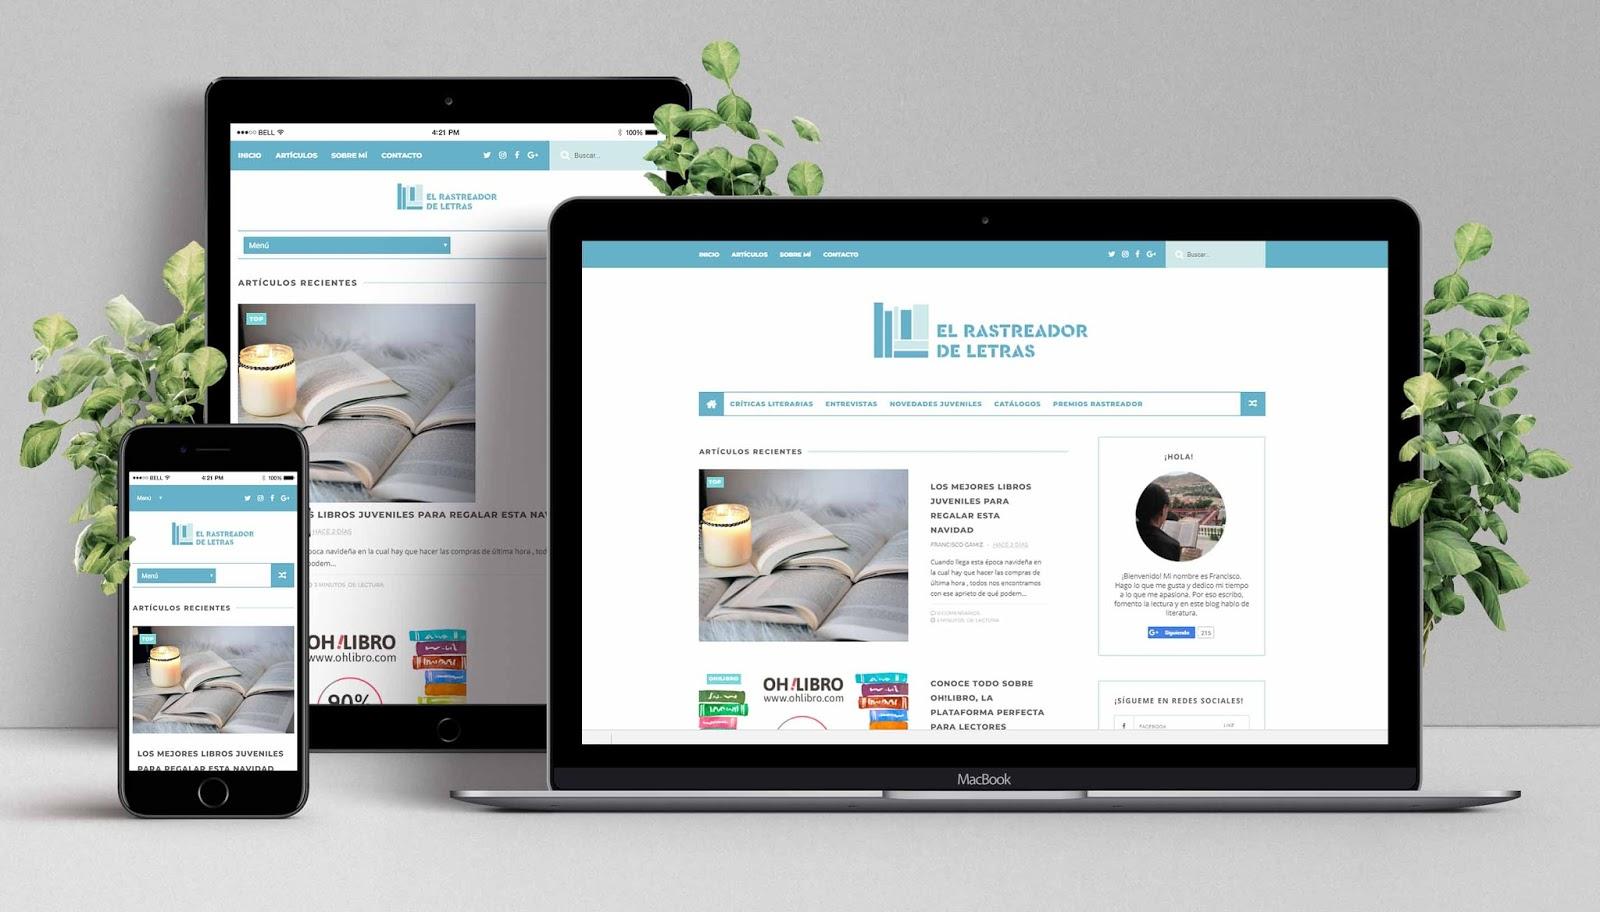 Diseño Web de El Rastreador de Letras